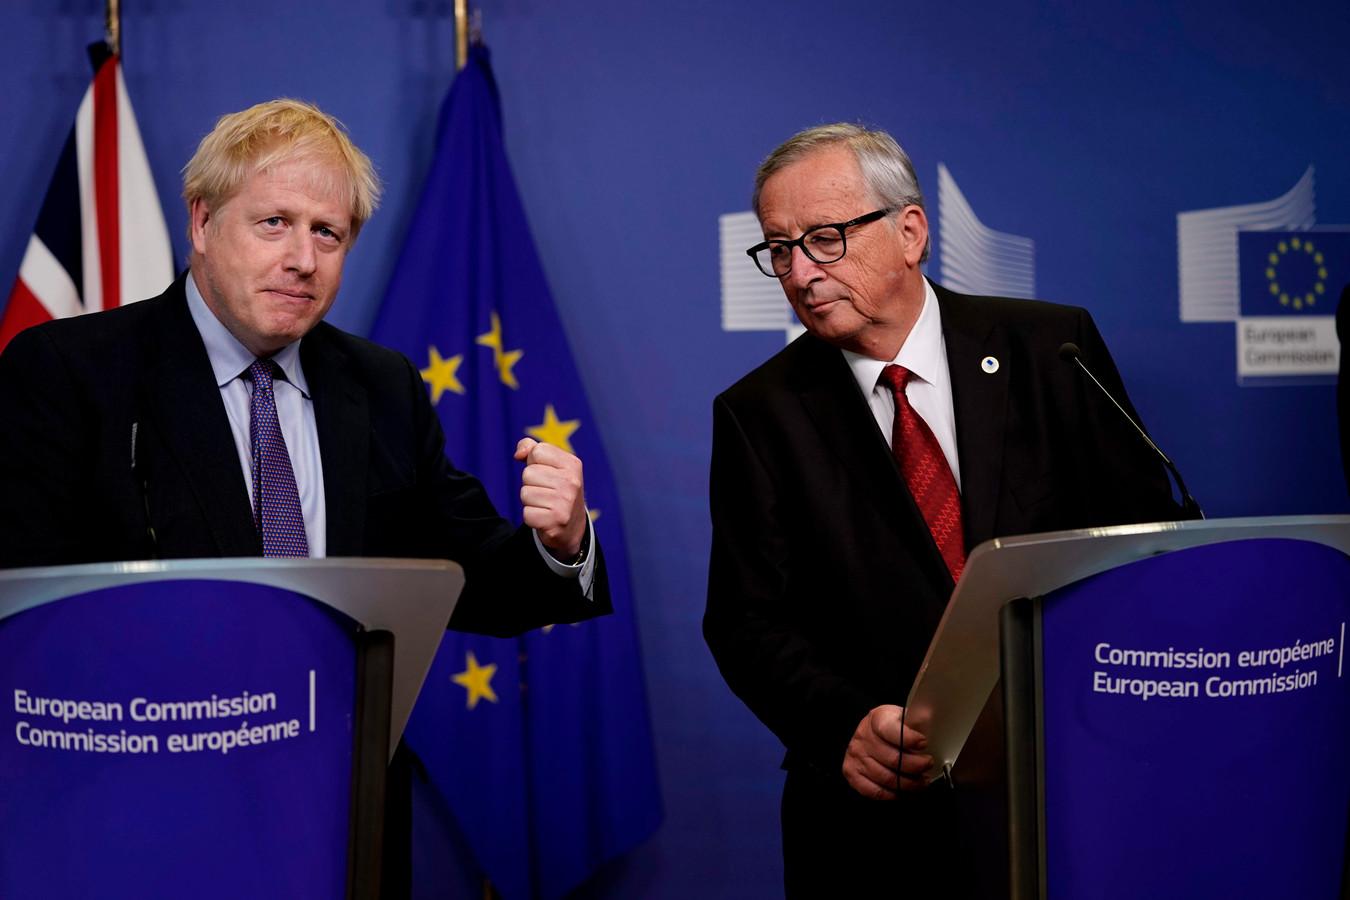 Boris Johnson et Jean-Claude Juncker, président sortant de la Commission européenne.